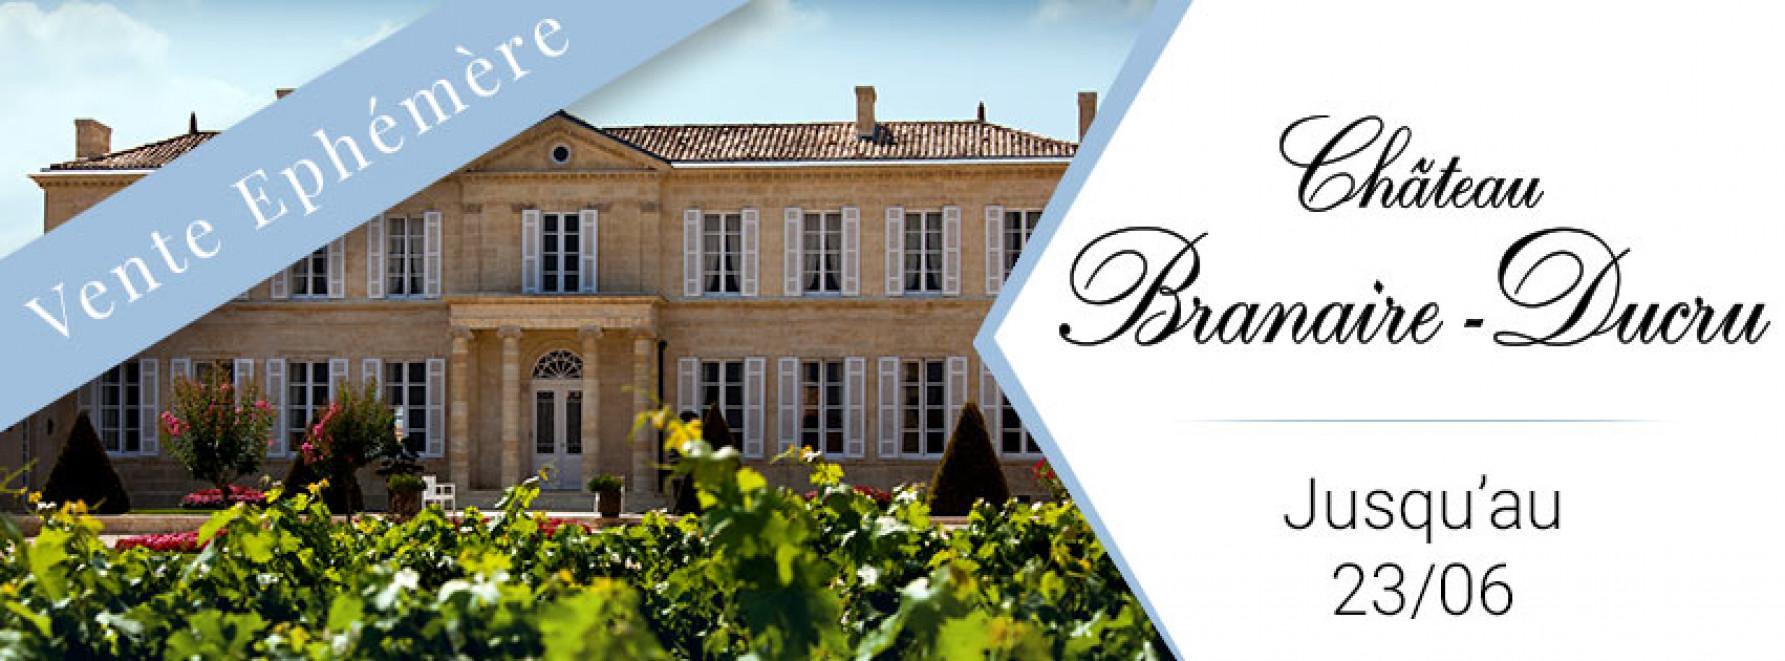 Mise en avant Château Branaire-Ducru